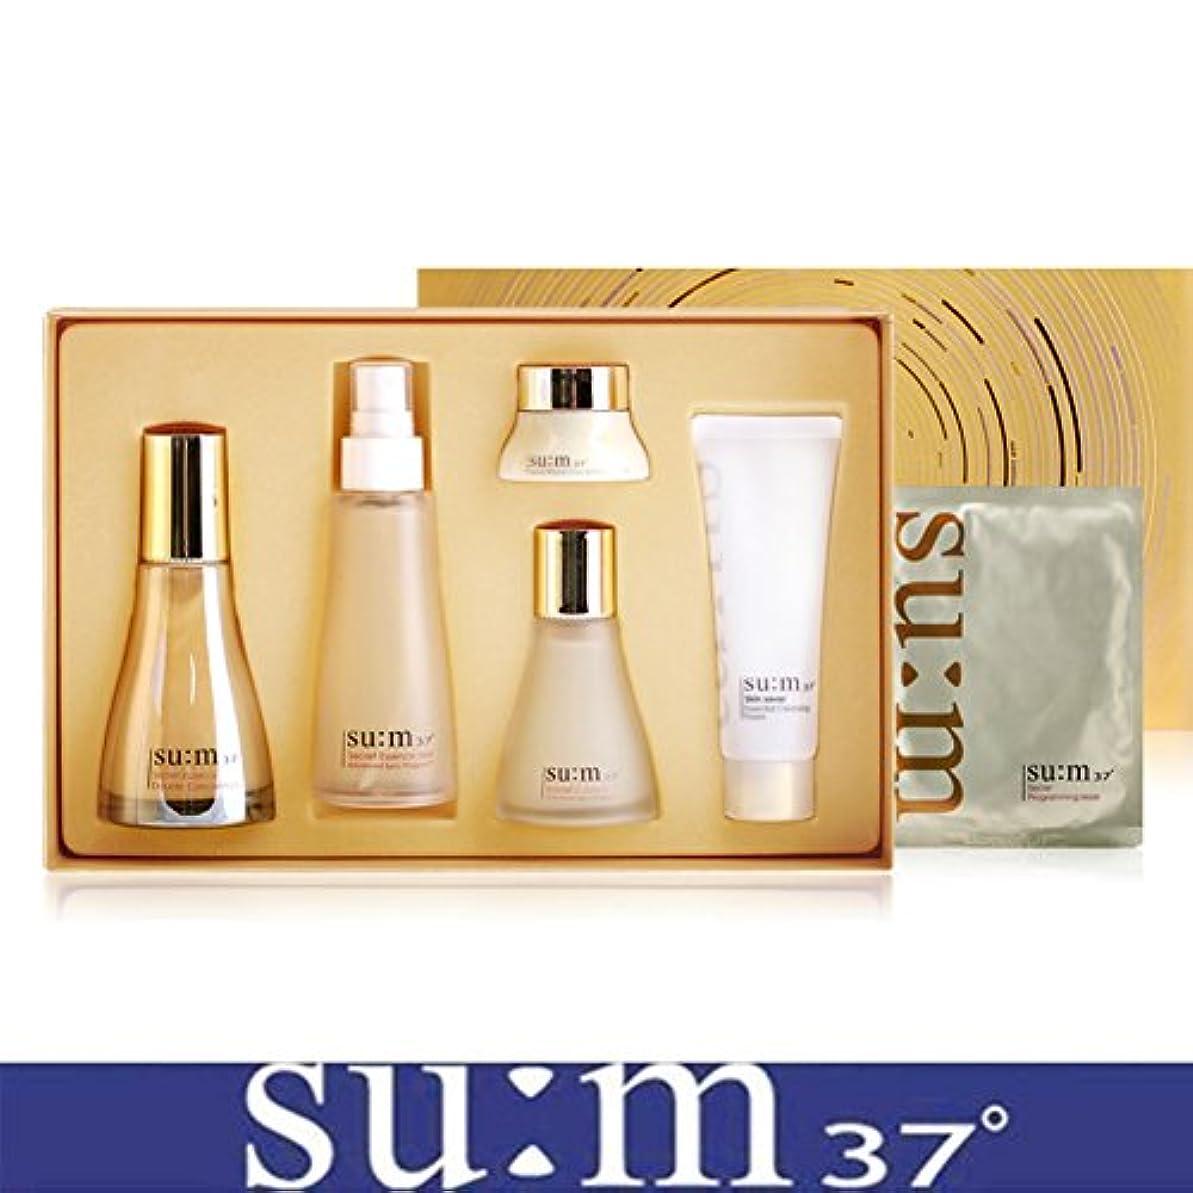 専門化する申請中コーヒー[su:m37/スム37°] SUM37 Secret Essence SPECIAL 100ml Limited Edition/シークレットエッセンススペシャルリミテッドエディション+[Sample Gift](海外直送品)